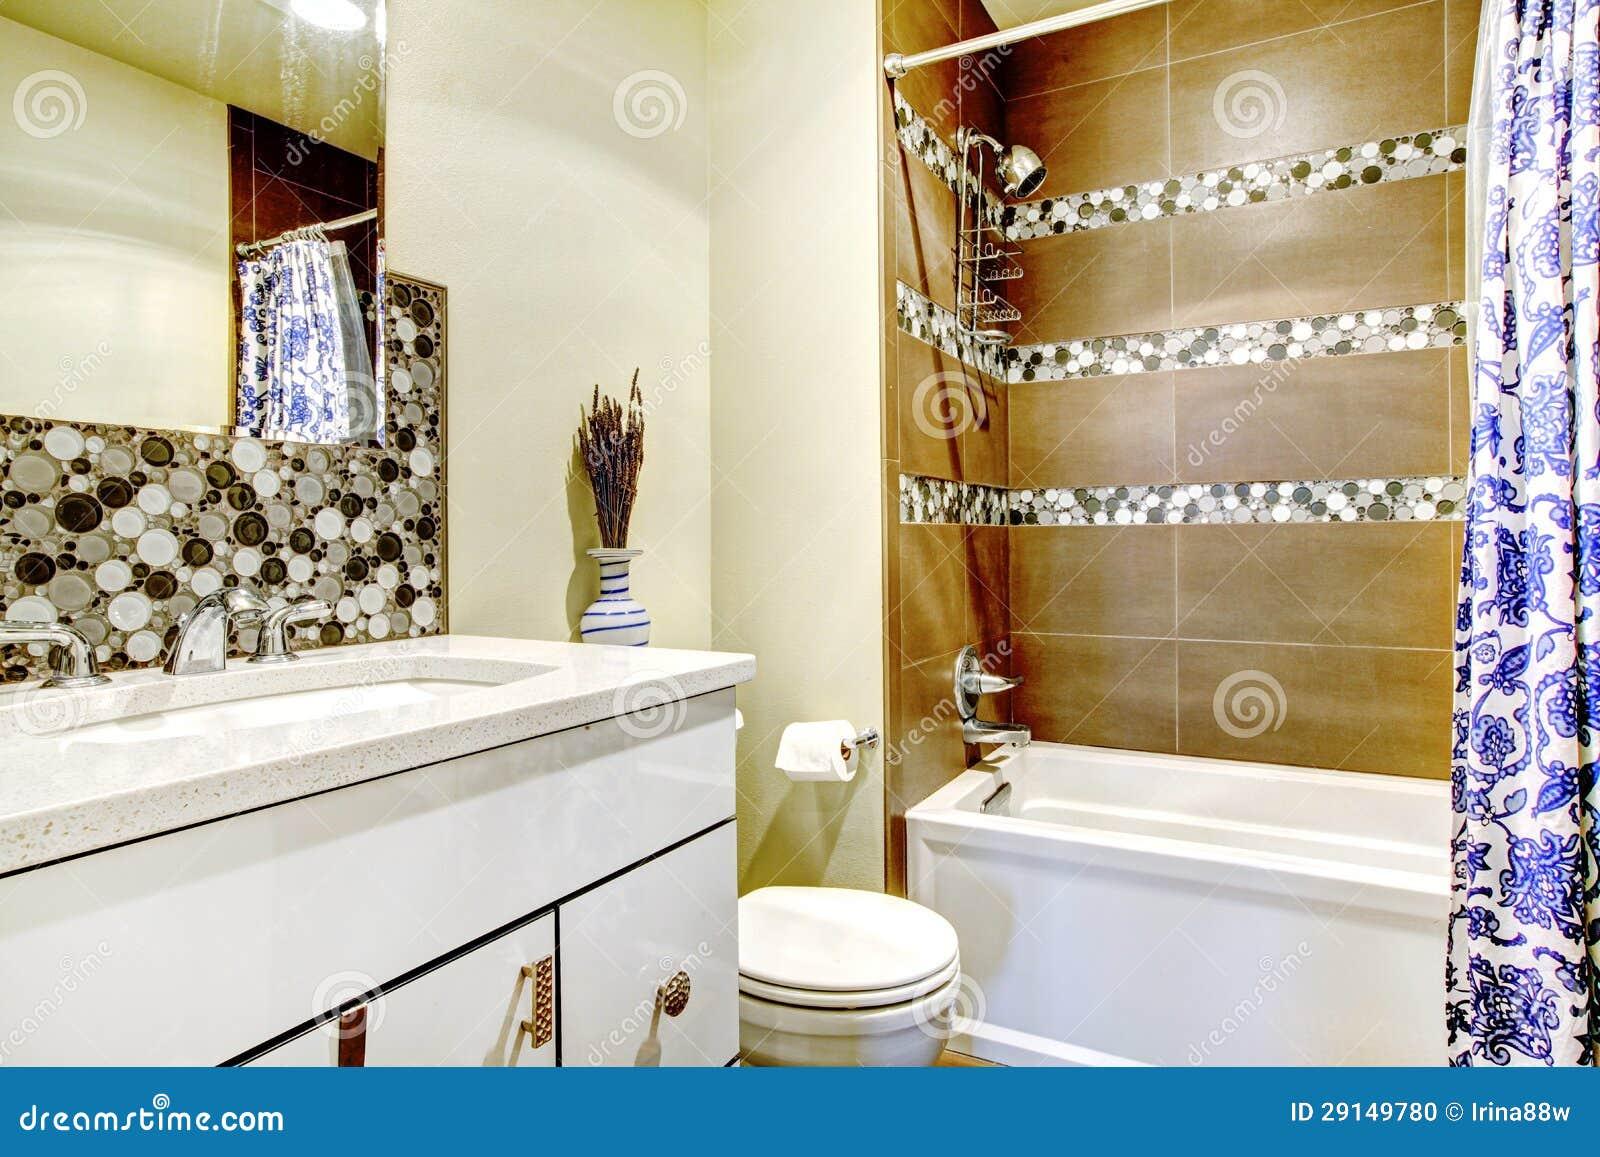 Banheiro Moderno Com Interior Marrom E Azul Foto de Stock  Imagem 29149780 -> Banheiros Modernos Azul